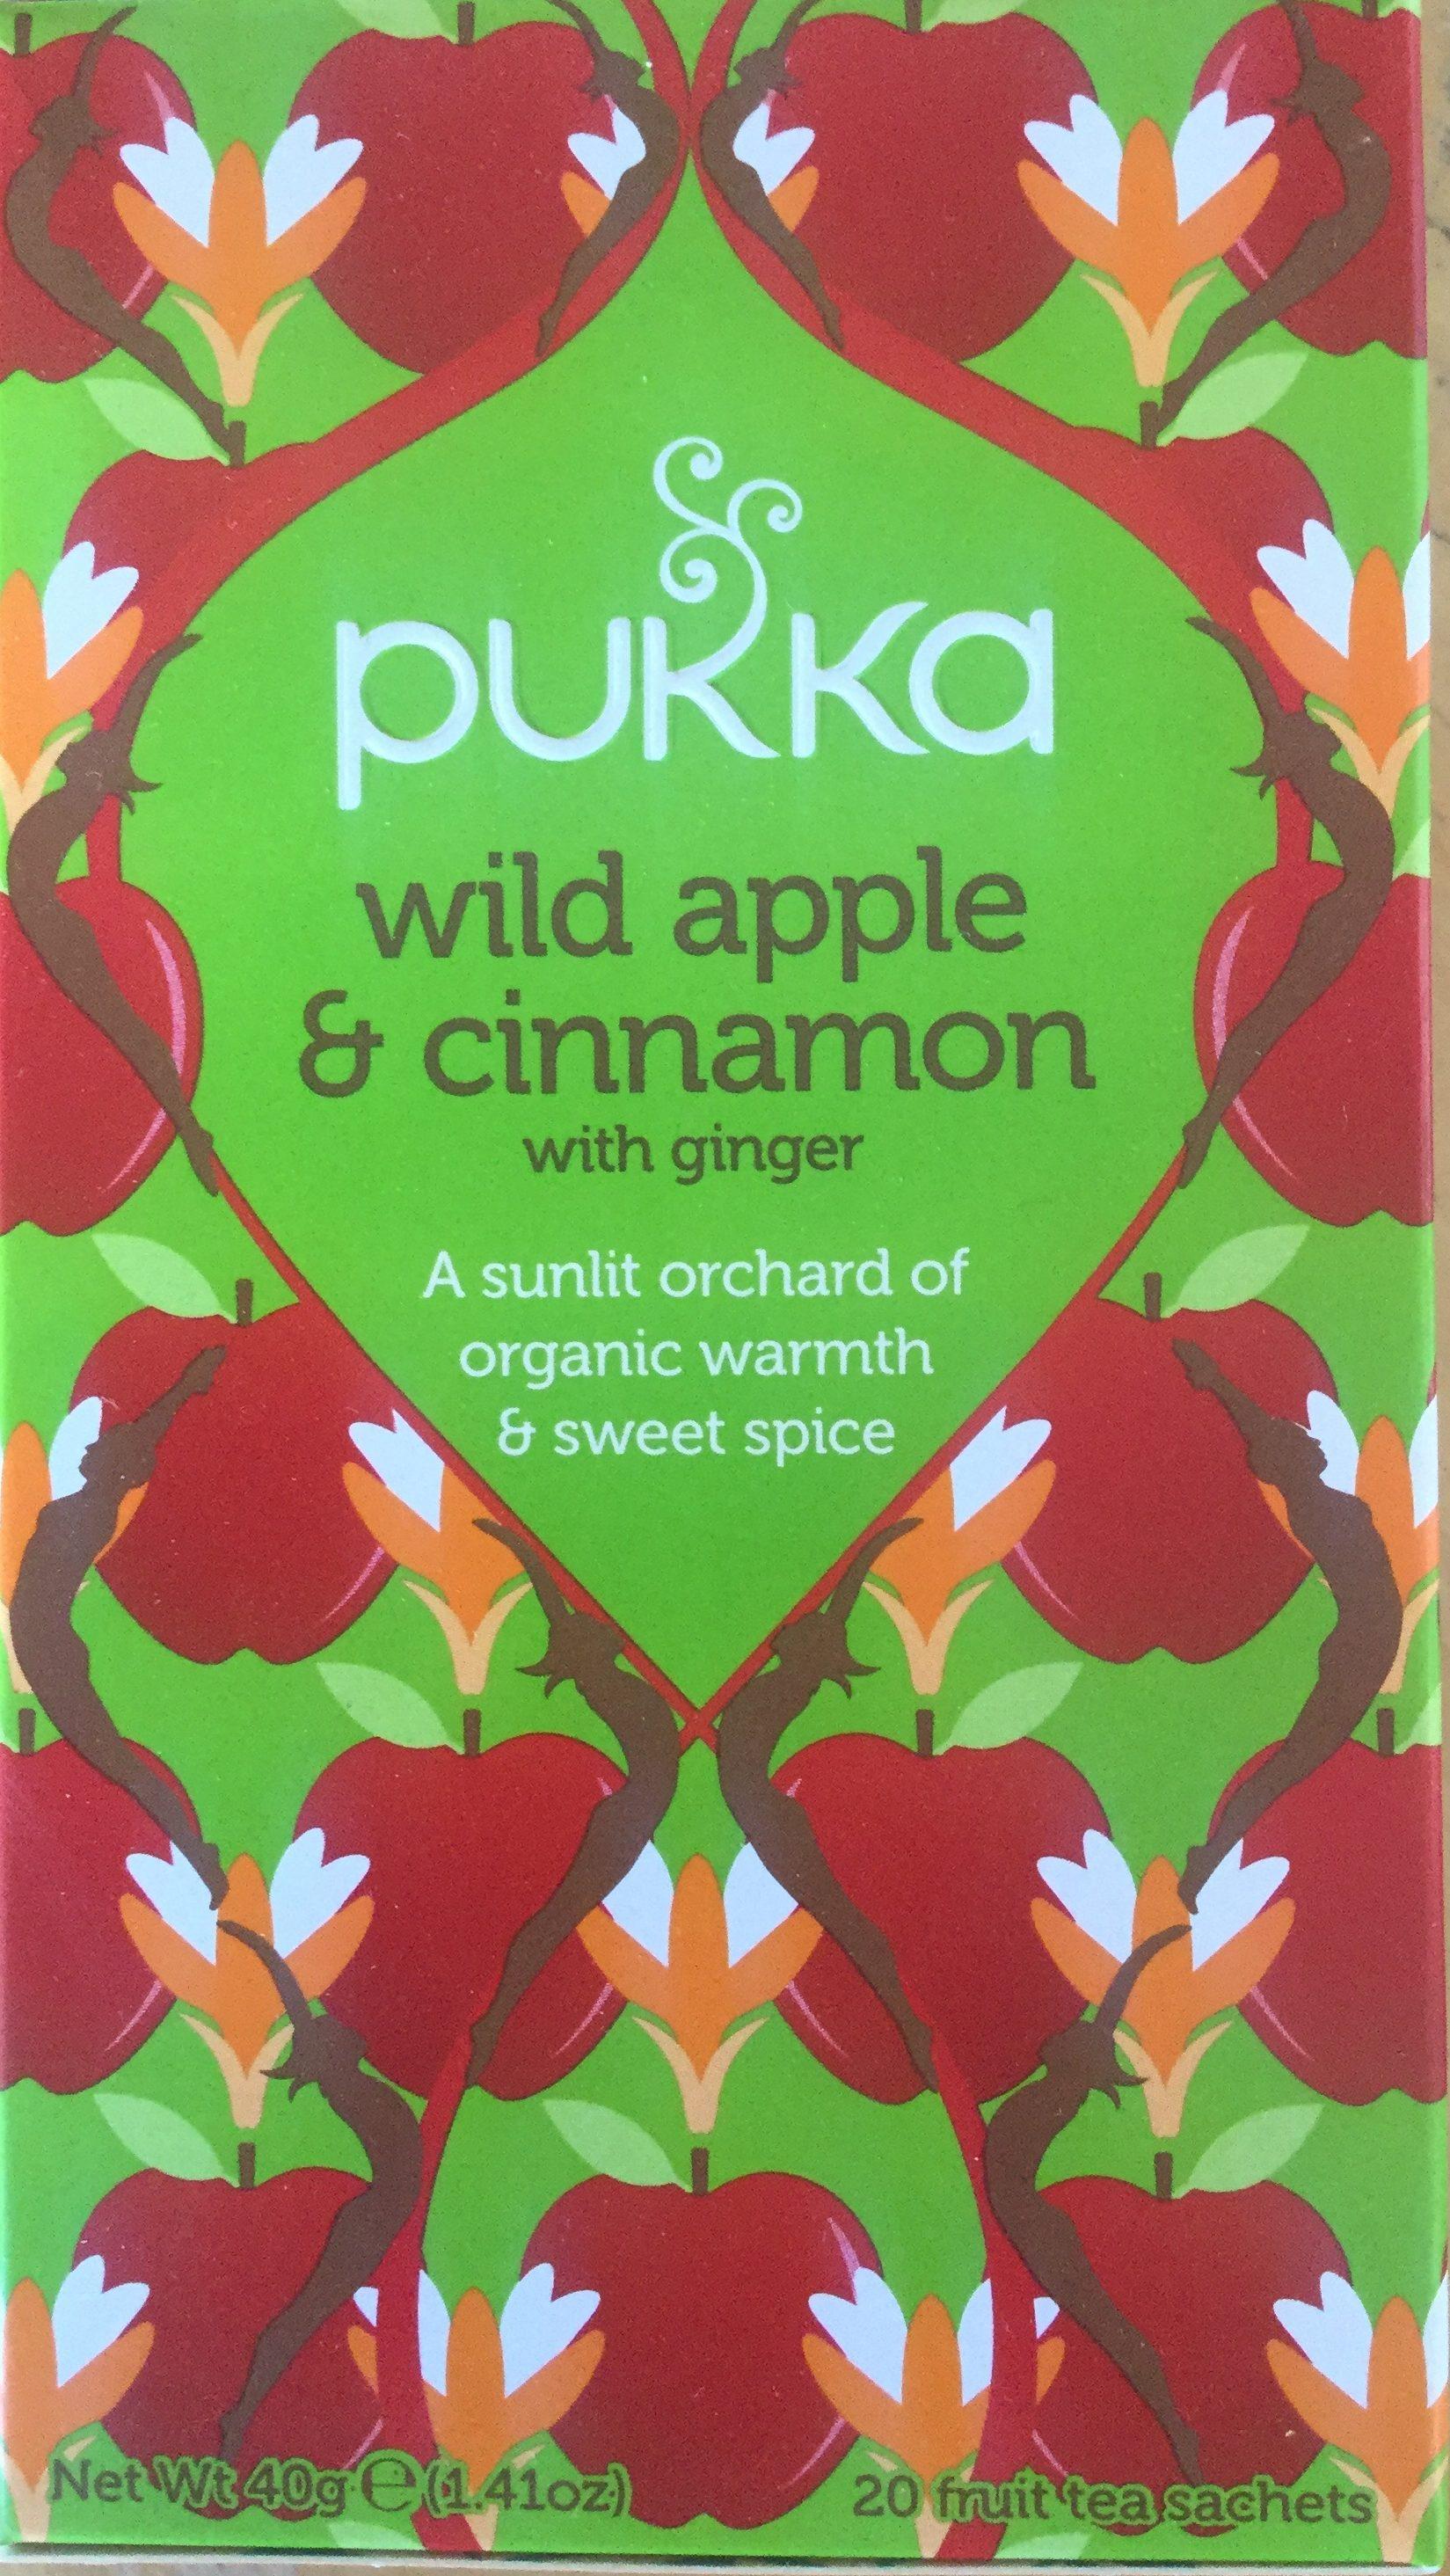 Wild apple & cinnamon - Product